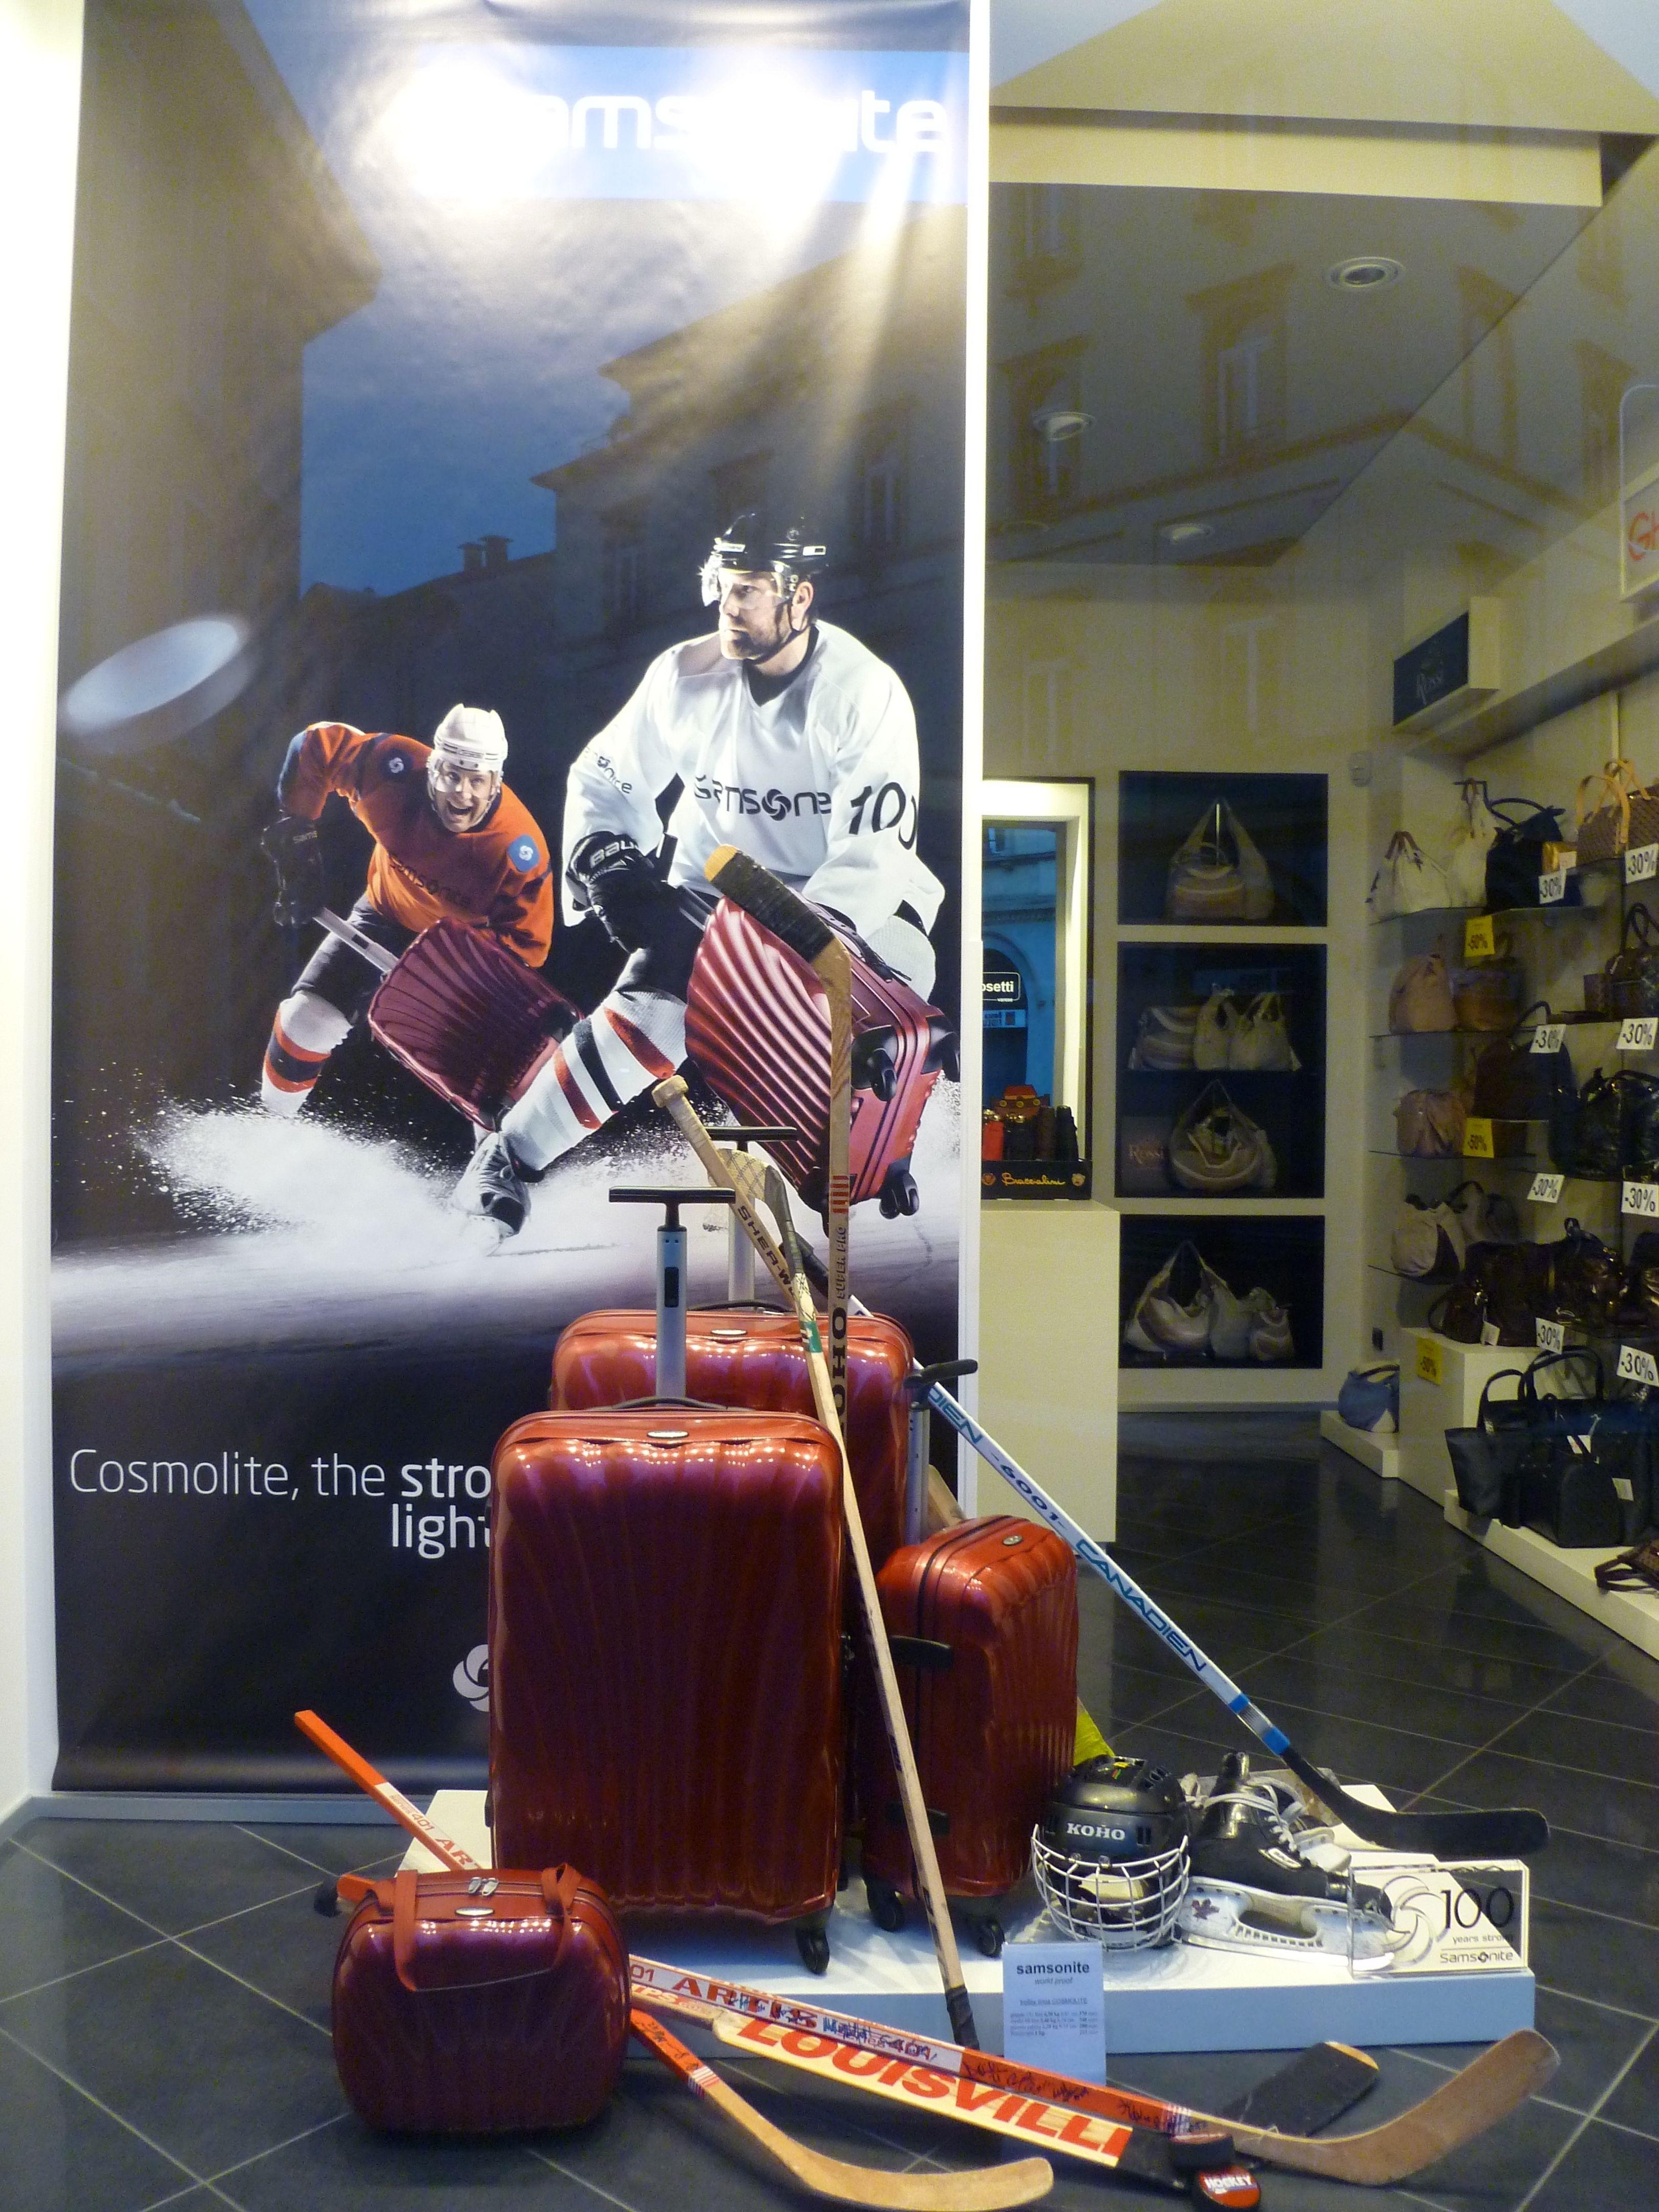 #valigeriaambrosetti è travel partner di #Samsonite. Che ne dite di questa vetrina? Il rude gioco dell'hockey si presta a testare la resistenza dei trolley #Cosmolite?